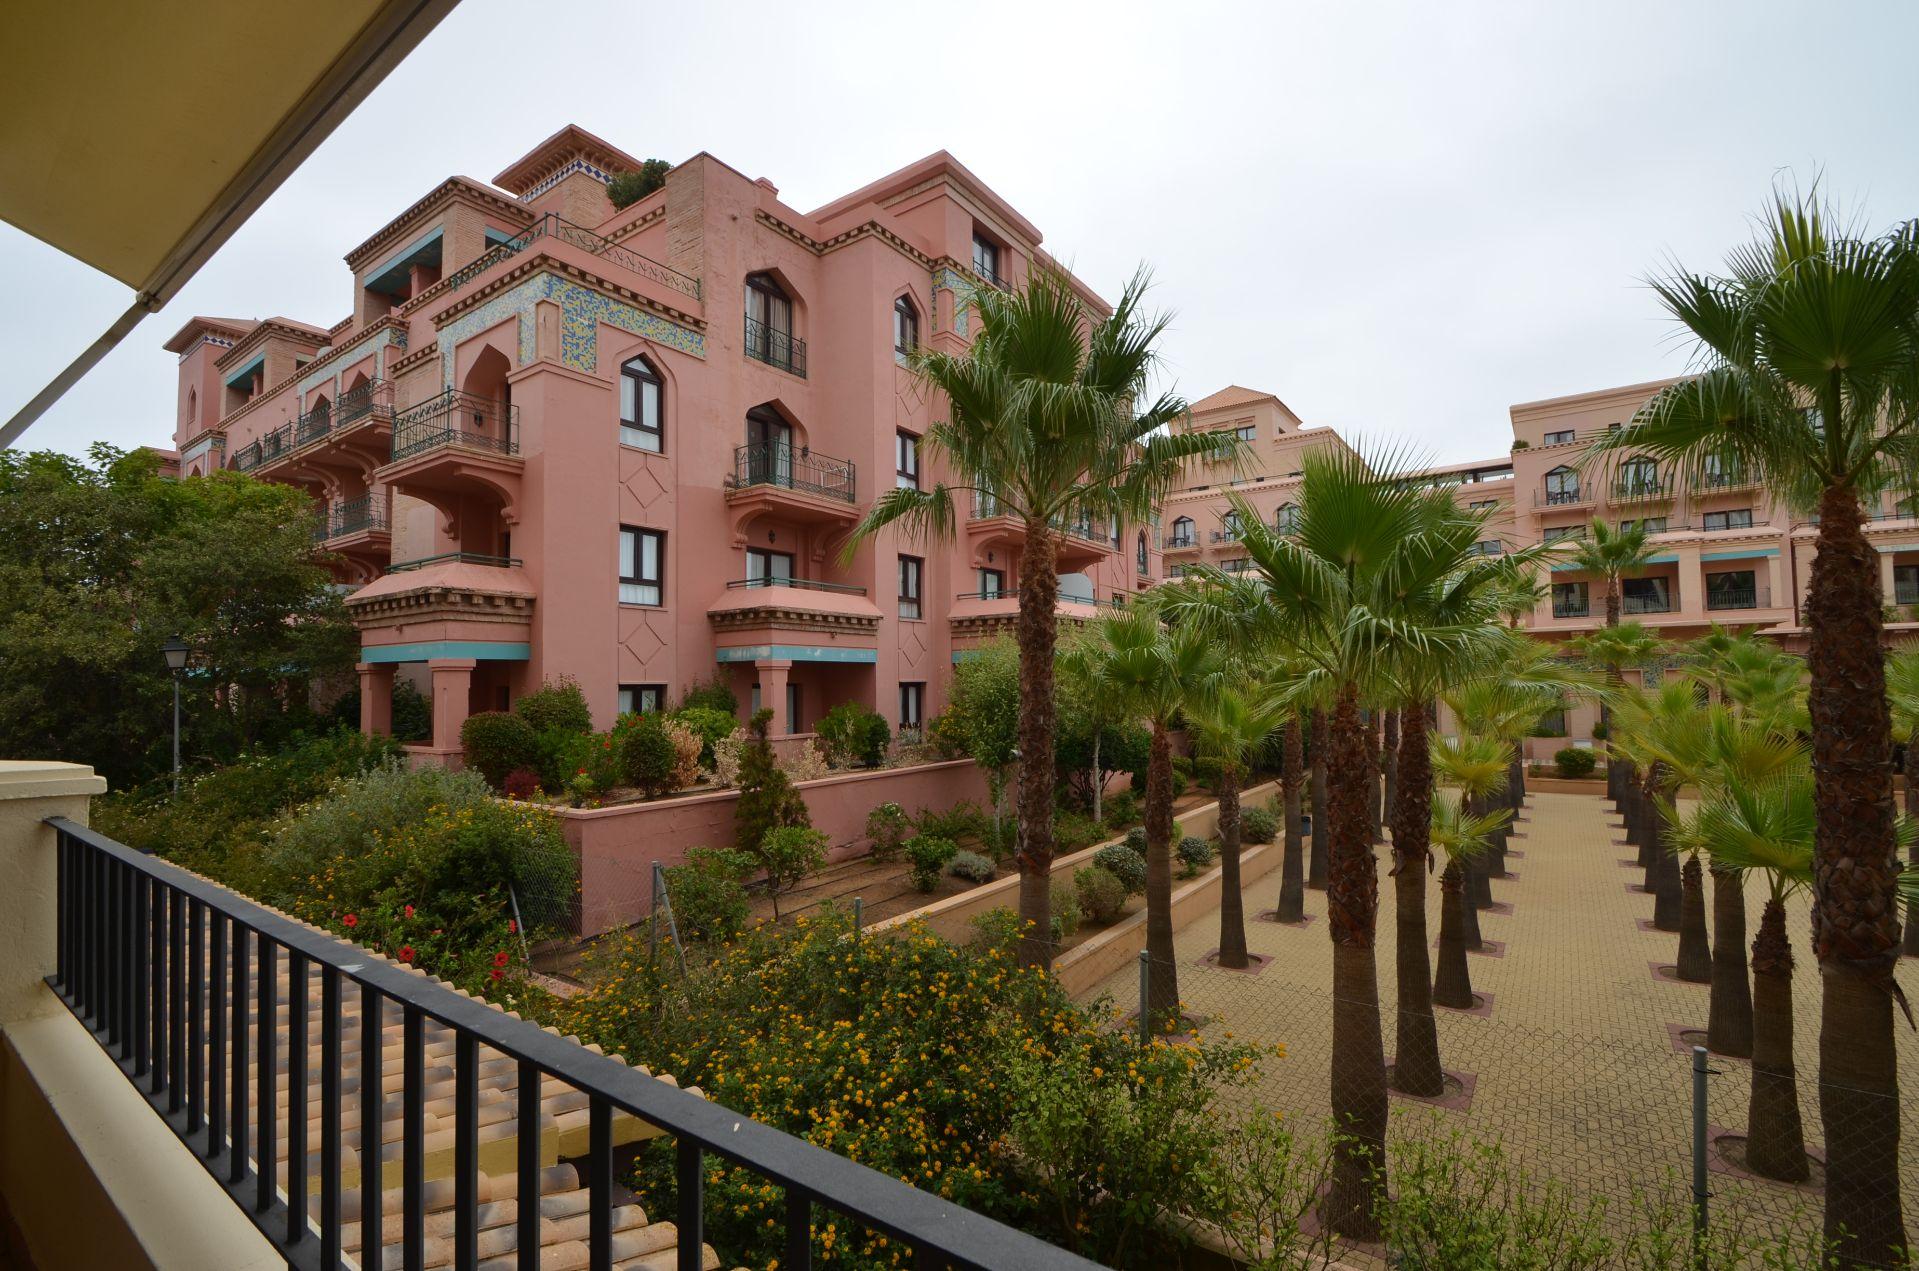 Lejlighed i Ayamonte, Residencial Playa Canela, salg